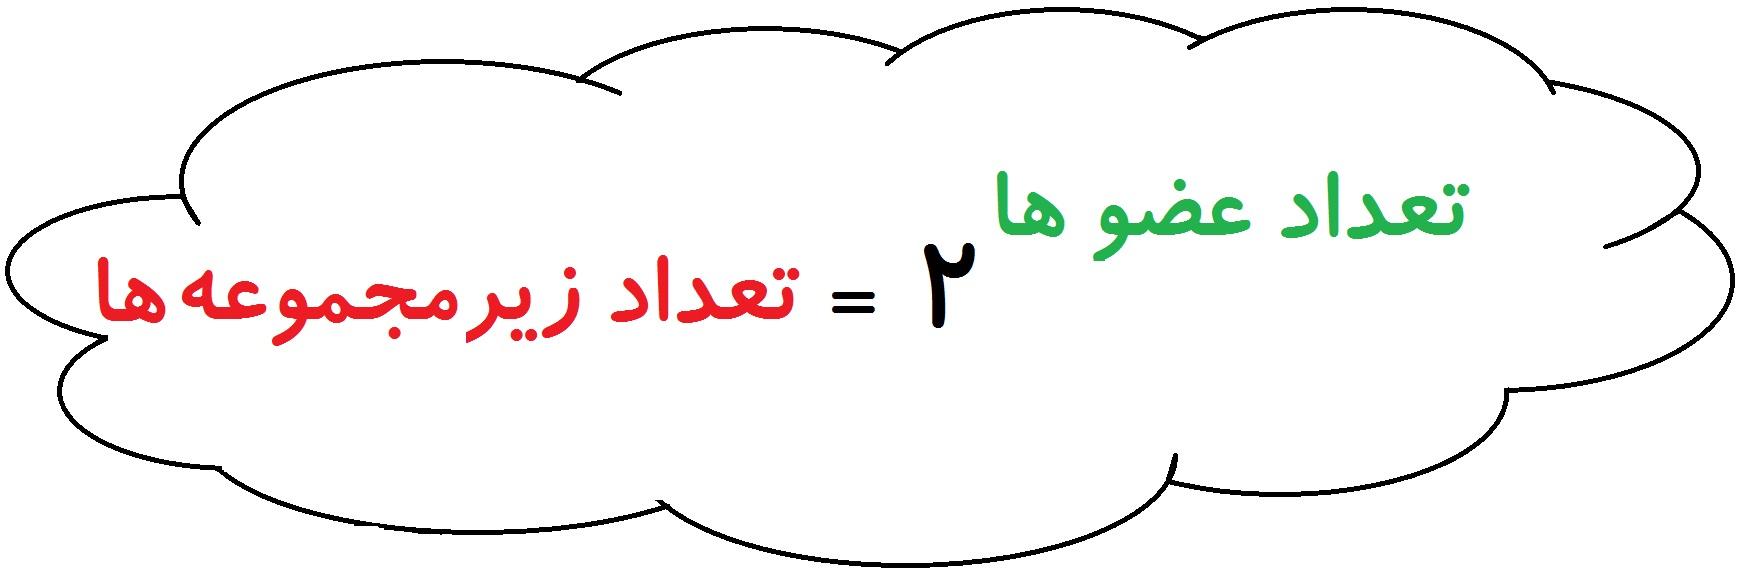 فرمول تعداد زیرمجموعه ها - درس در خانه